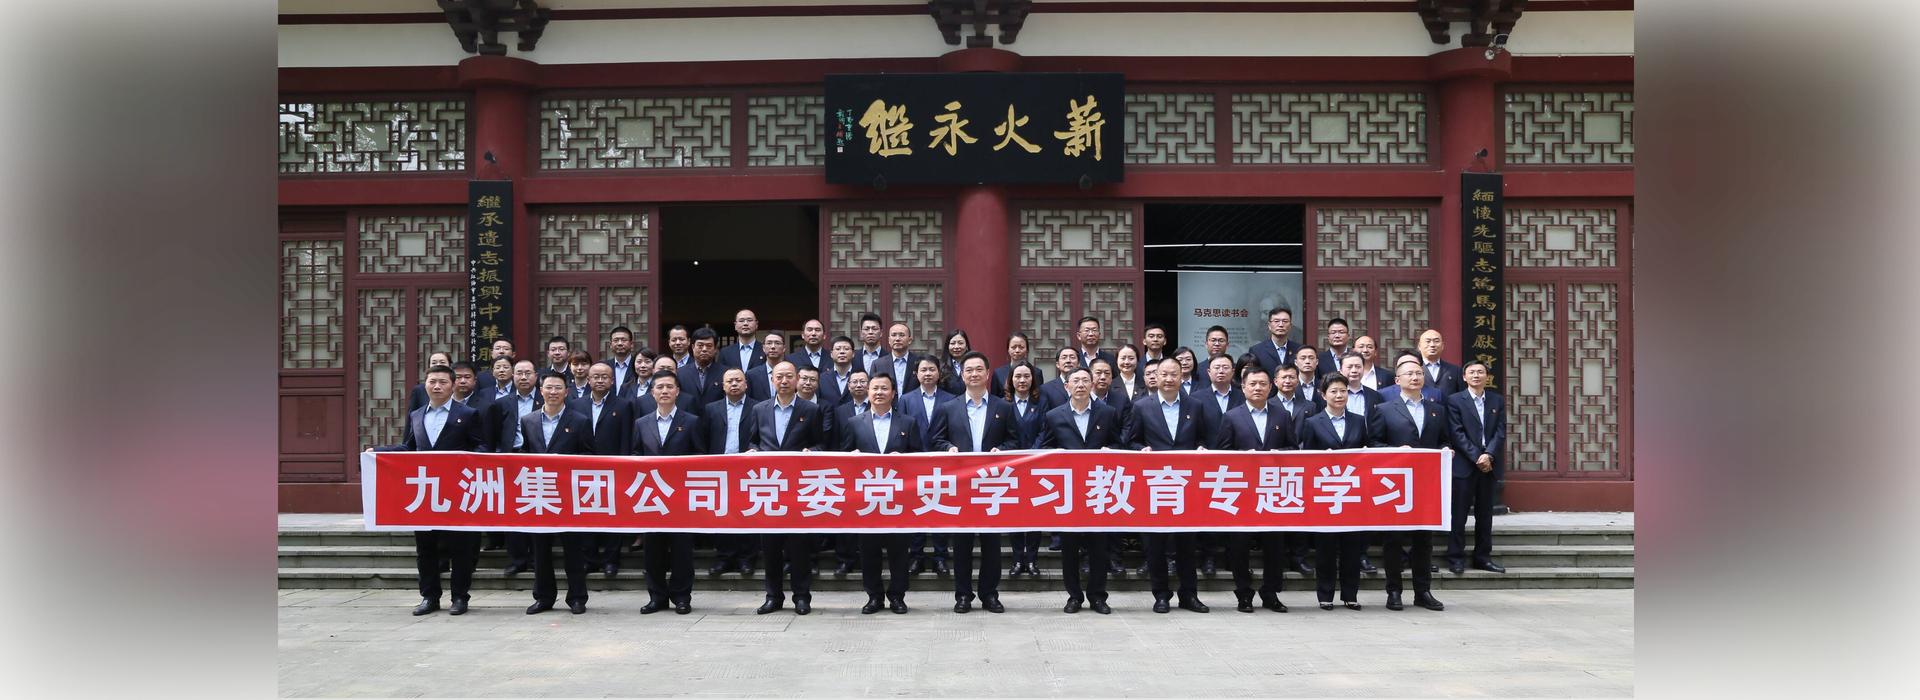 九洲集团党委到王右木纪念馆开展党史学习教育